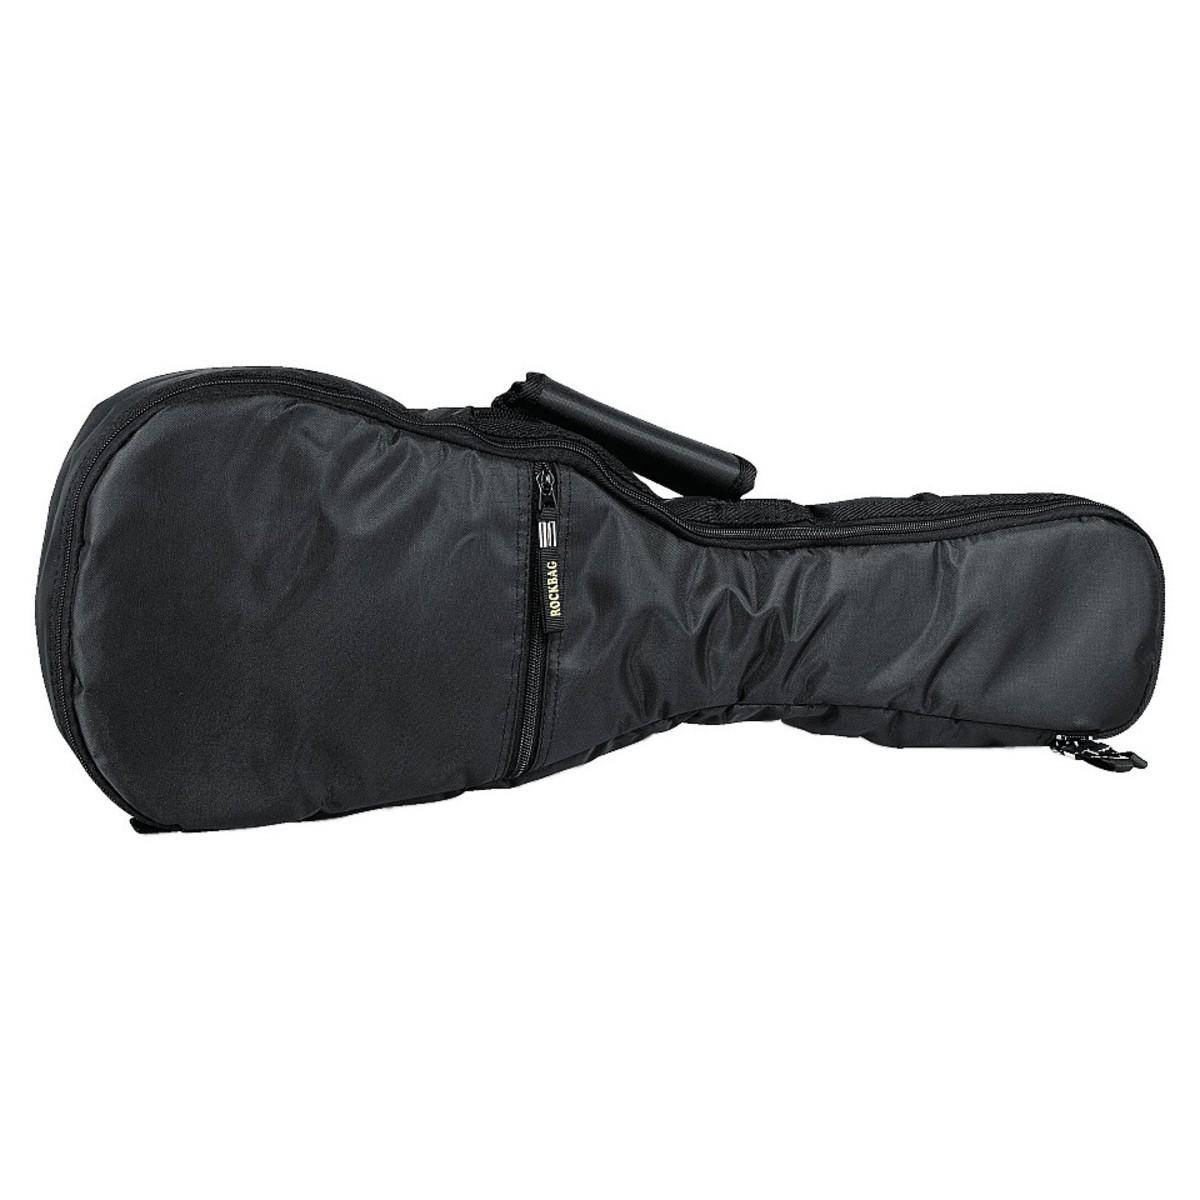 Rockbag par warwick housse ukul l taille concert gamme for Housse ukulele